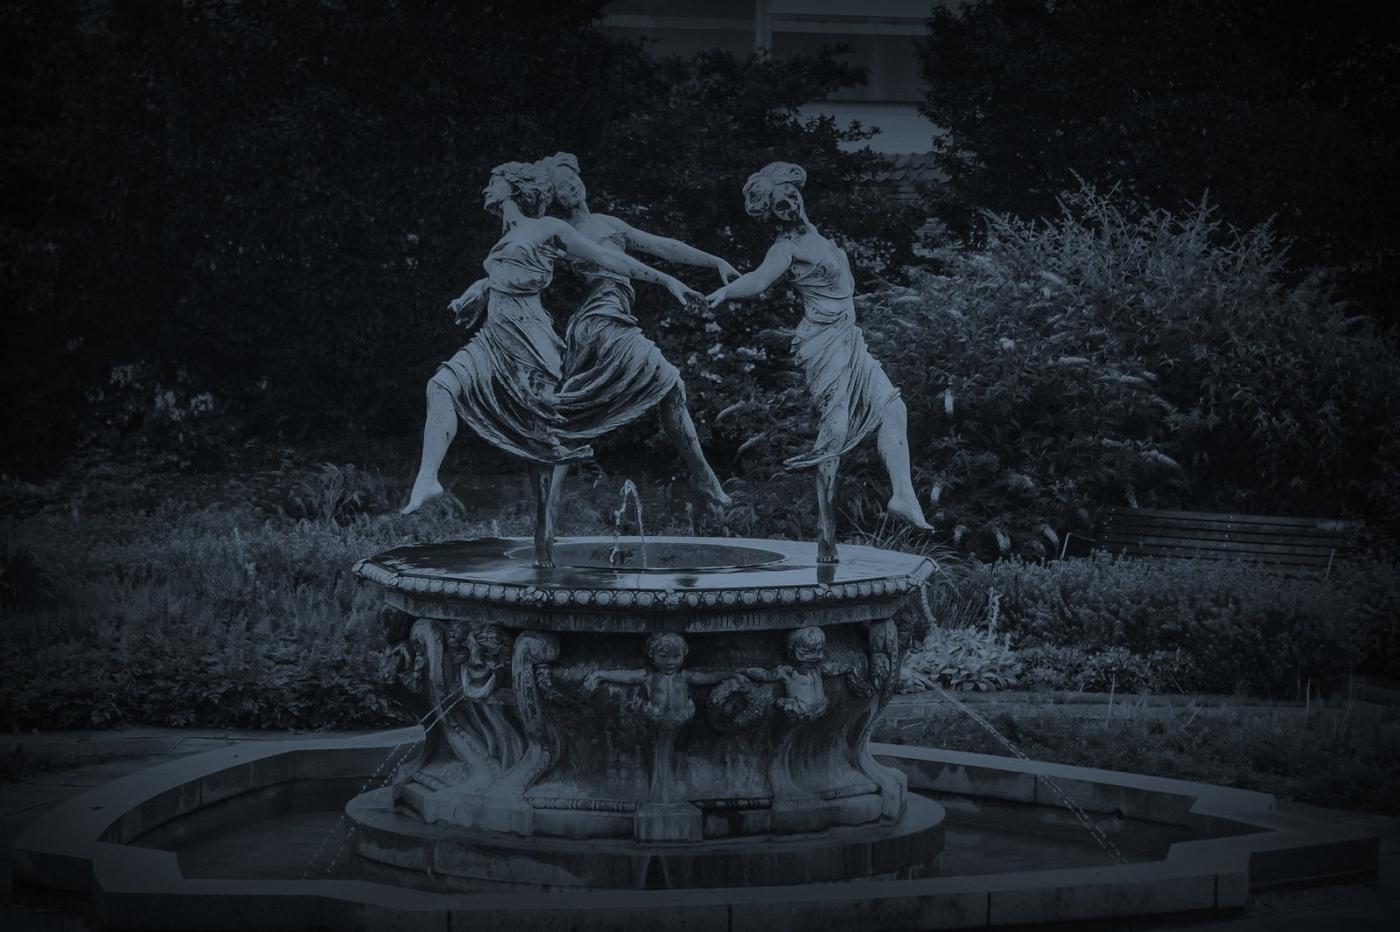 丹麦美人鱼雕像,雕塑家妻子为蓝本_图1-3